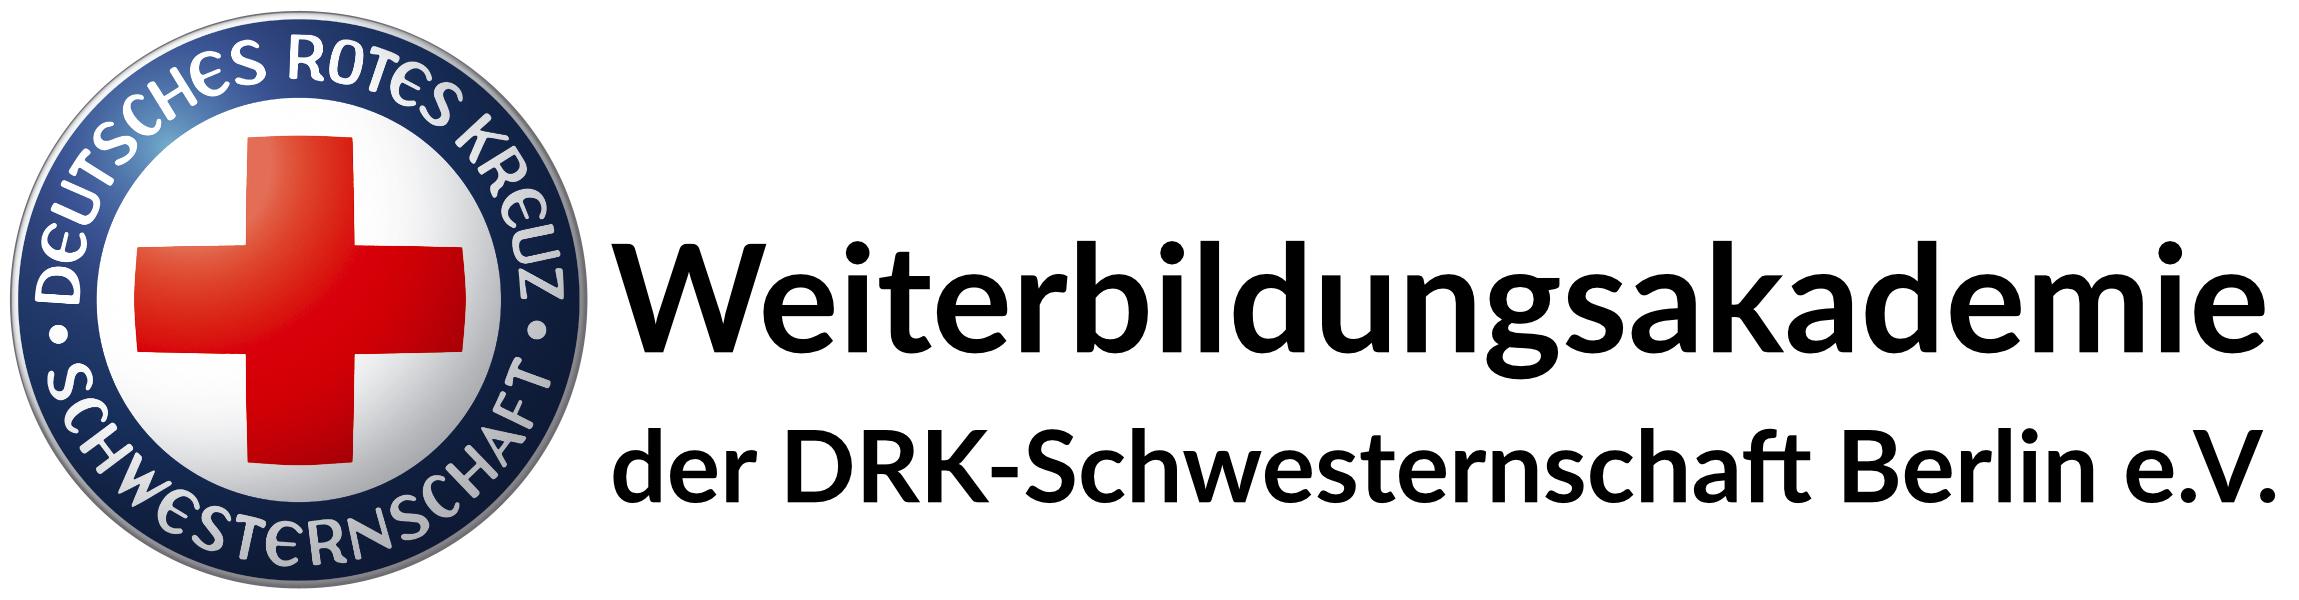 logo-weiterbildungsakademie.jpg